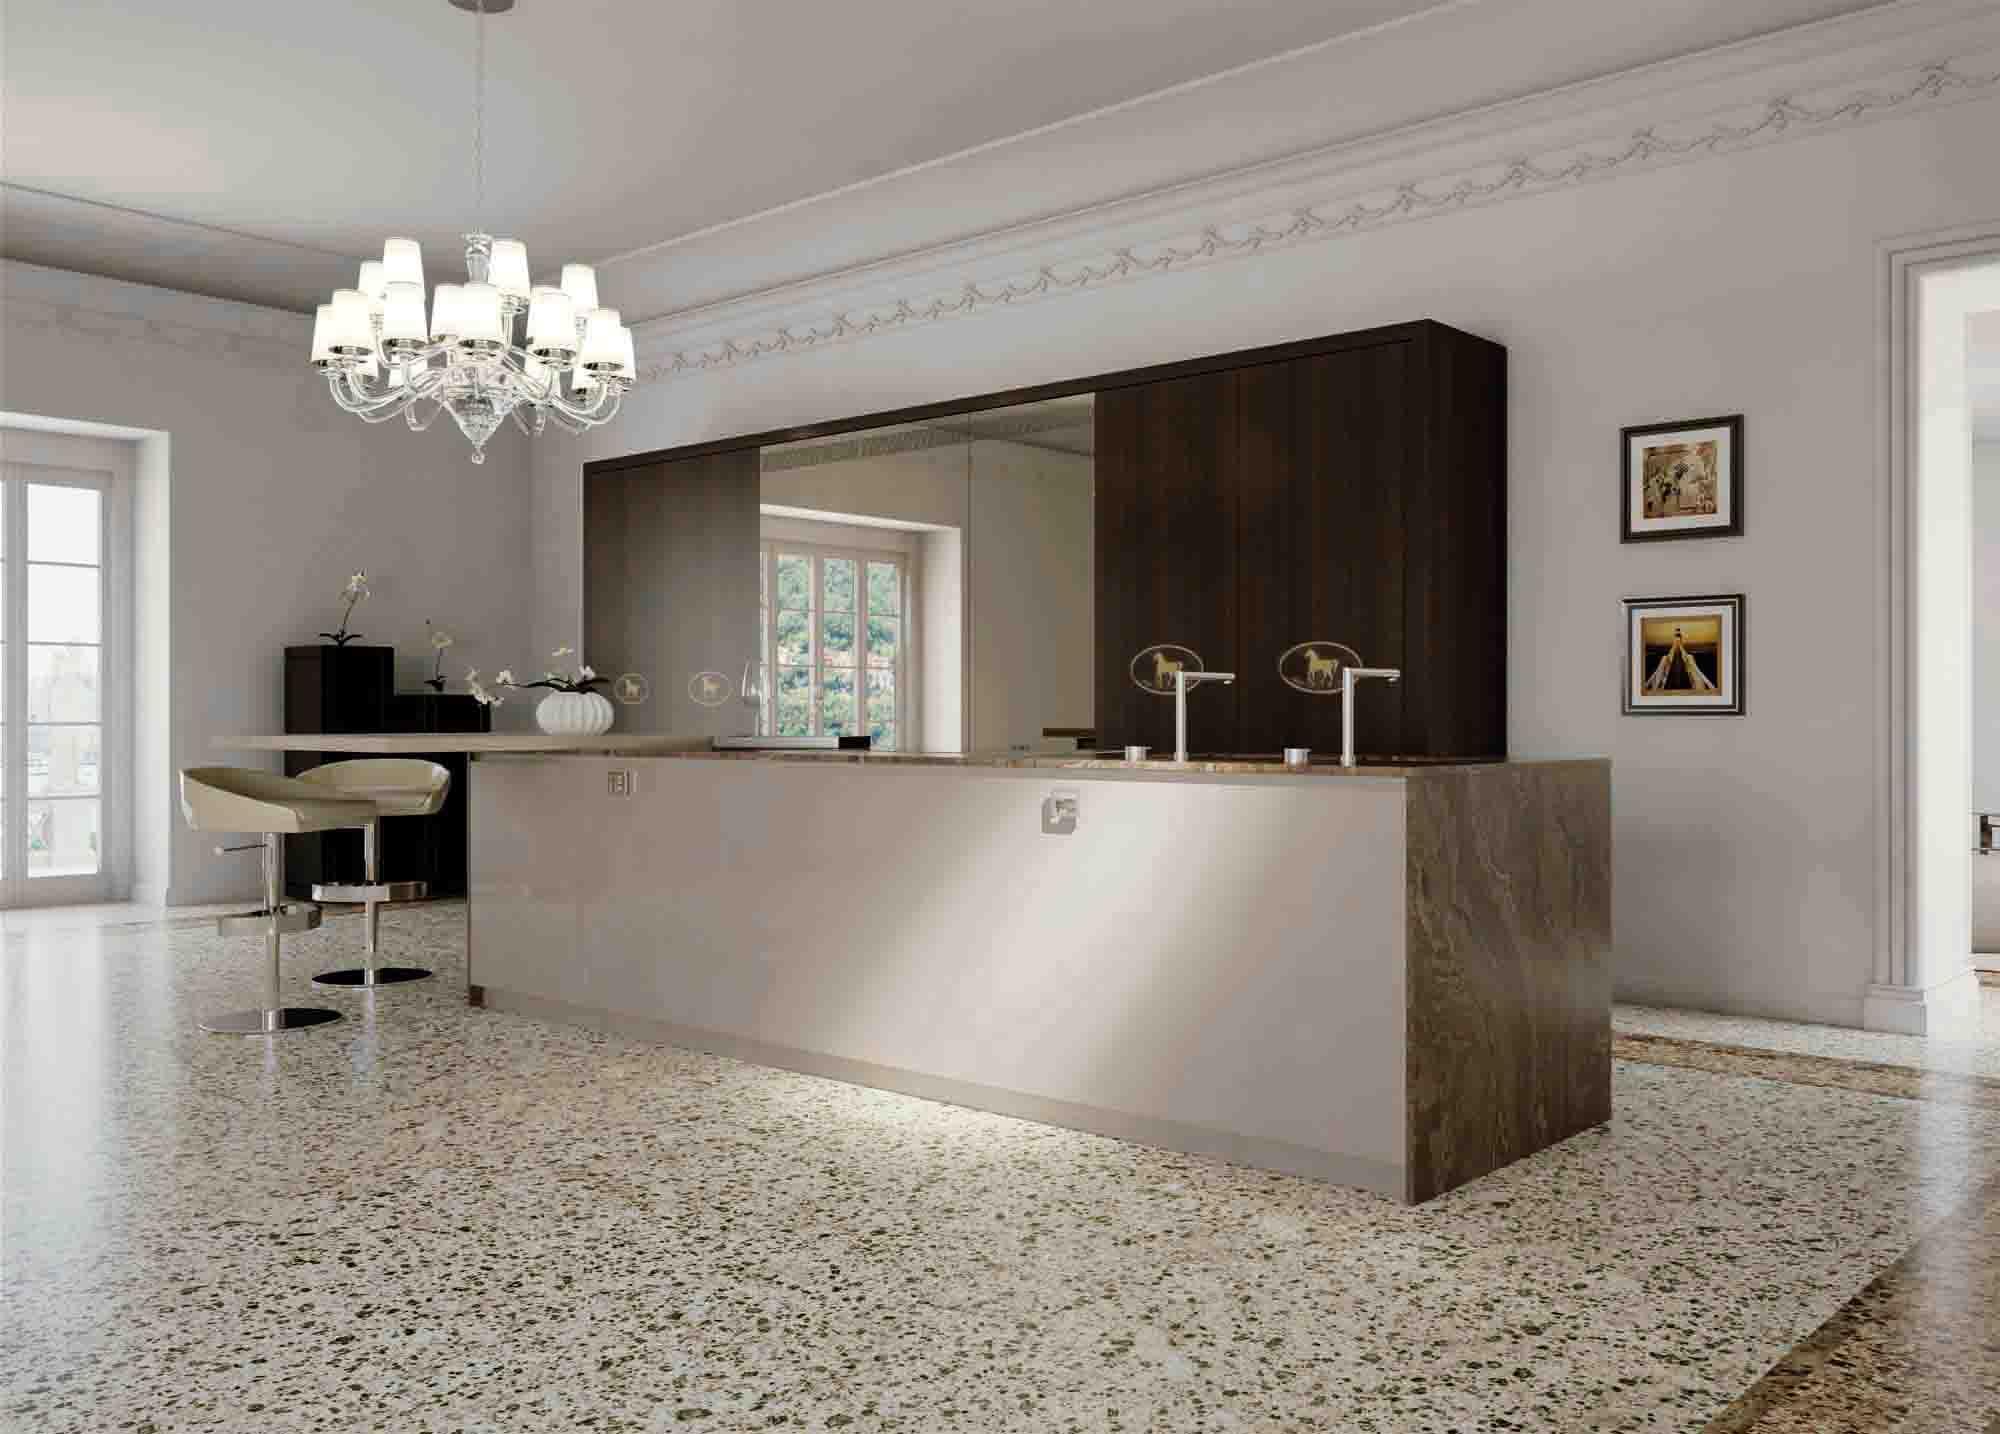 See Fendi Casa Cucine Kitchens Archivos Www Gunnitrentino Es # Muebles Fendi Casa